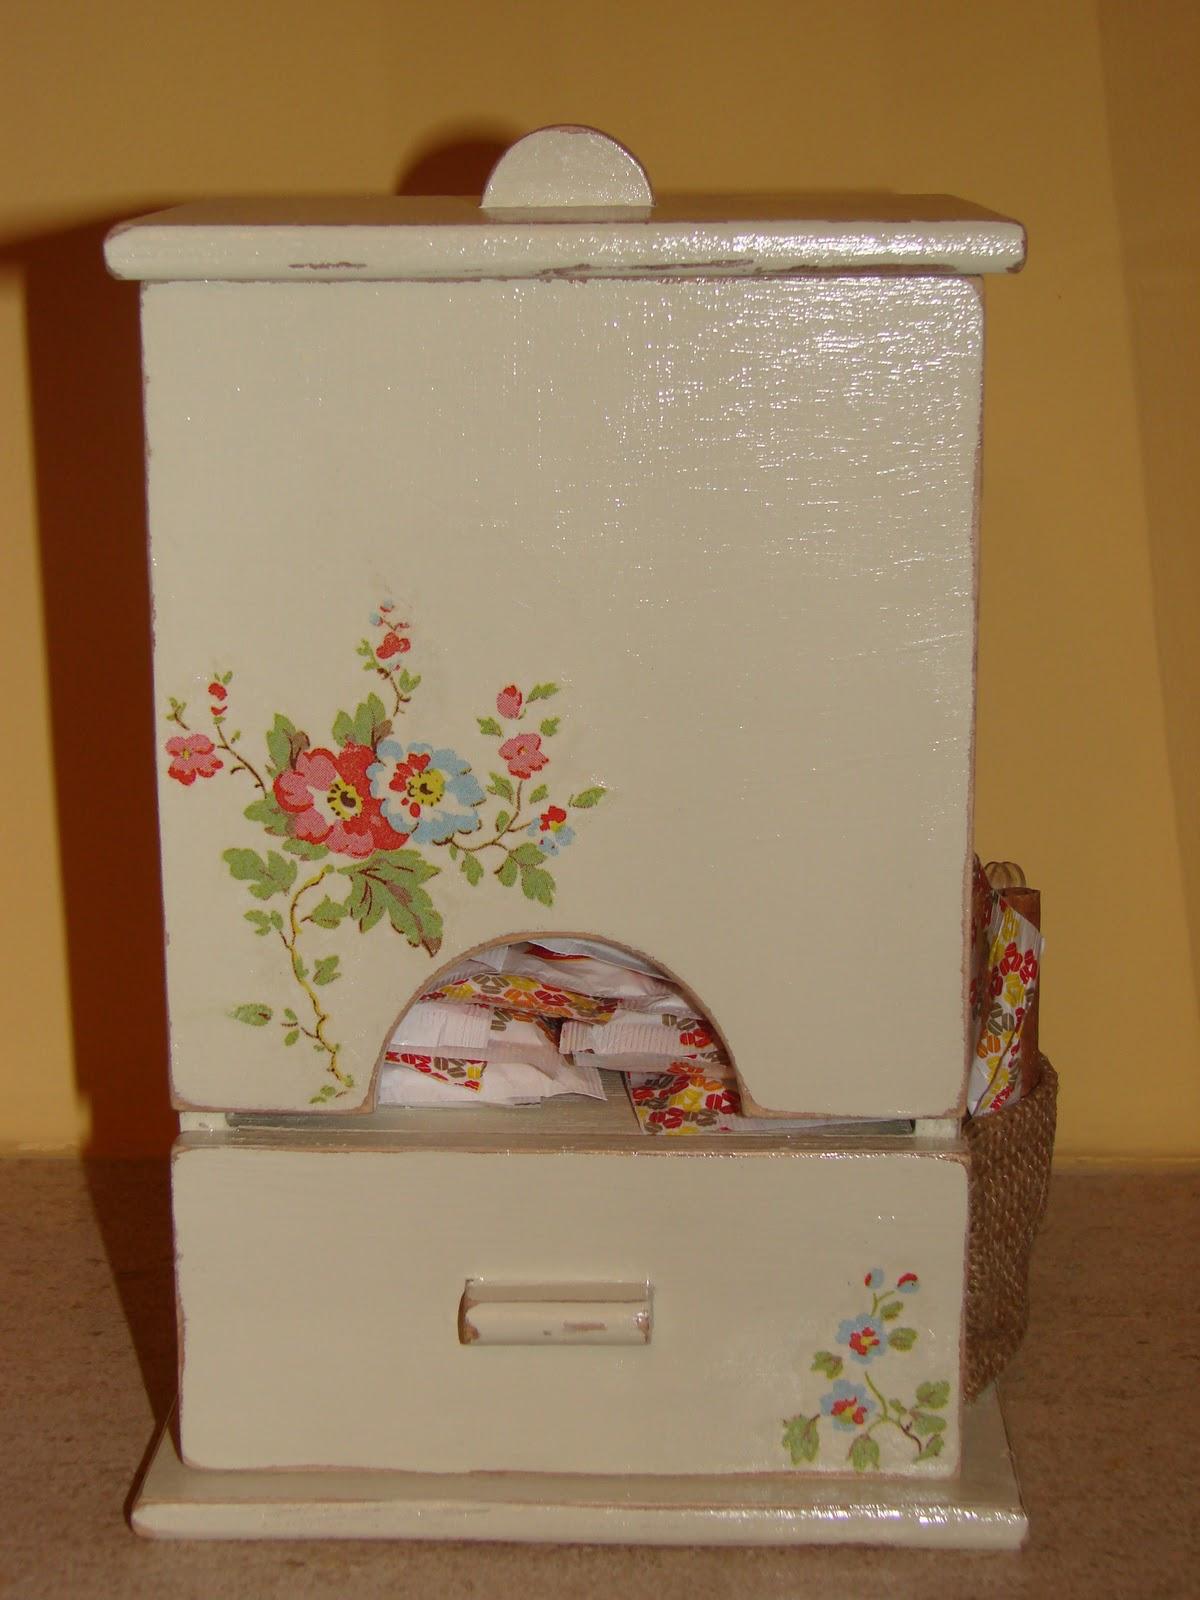 #4C200A Isabel Évora: Caixa de madeira com a técnica de decoupage 1206 Portas E Janelas De Madeira Em Vitoria Da Conquista